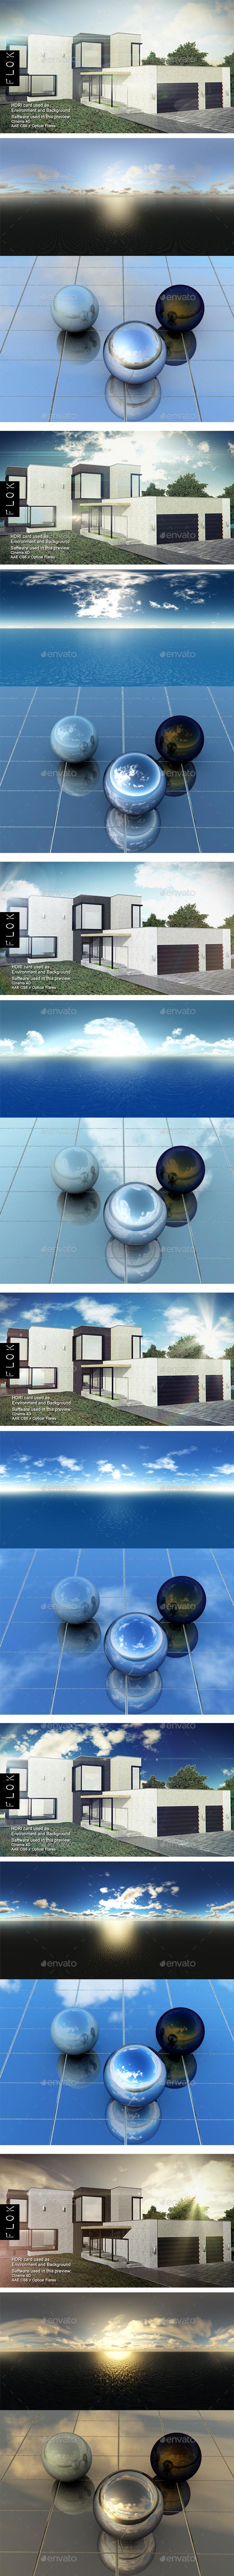 HDRI Pack - Desert vol 30 - 3DOcean Item for Sale